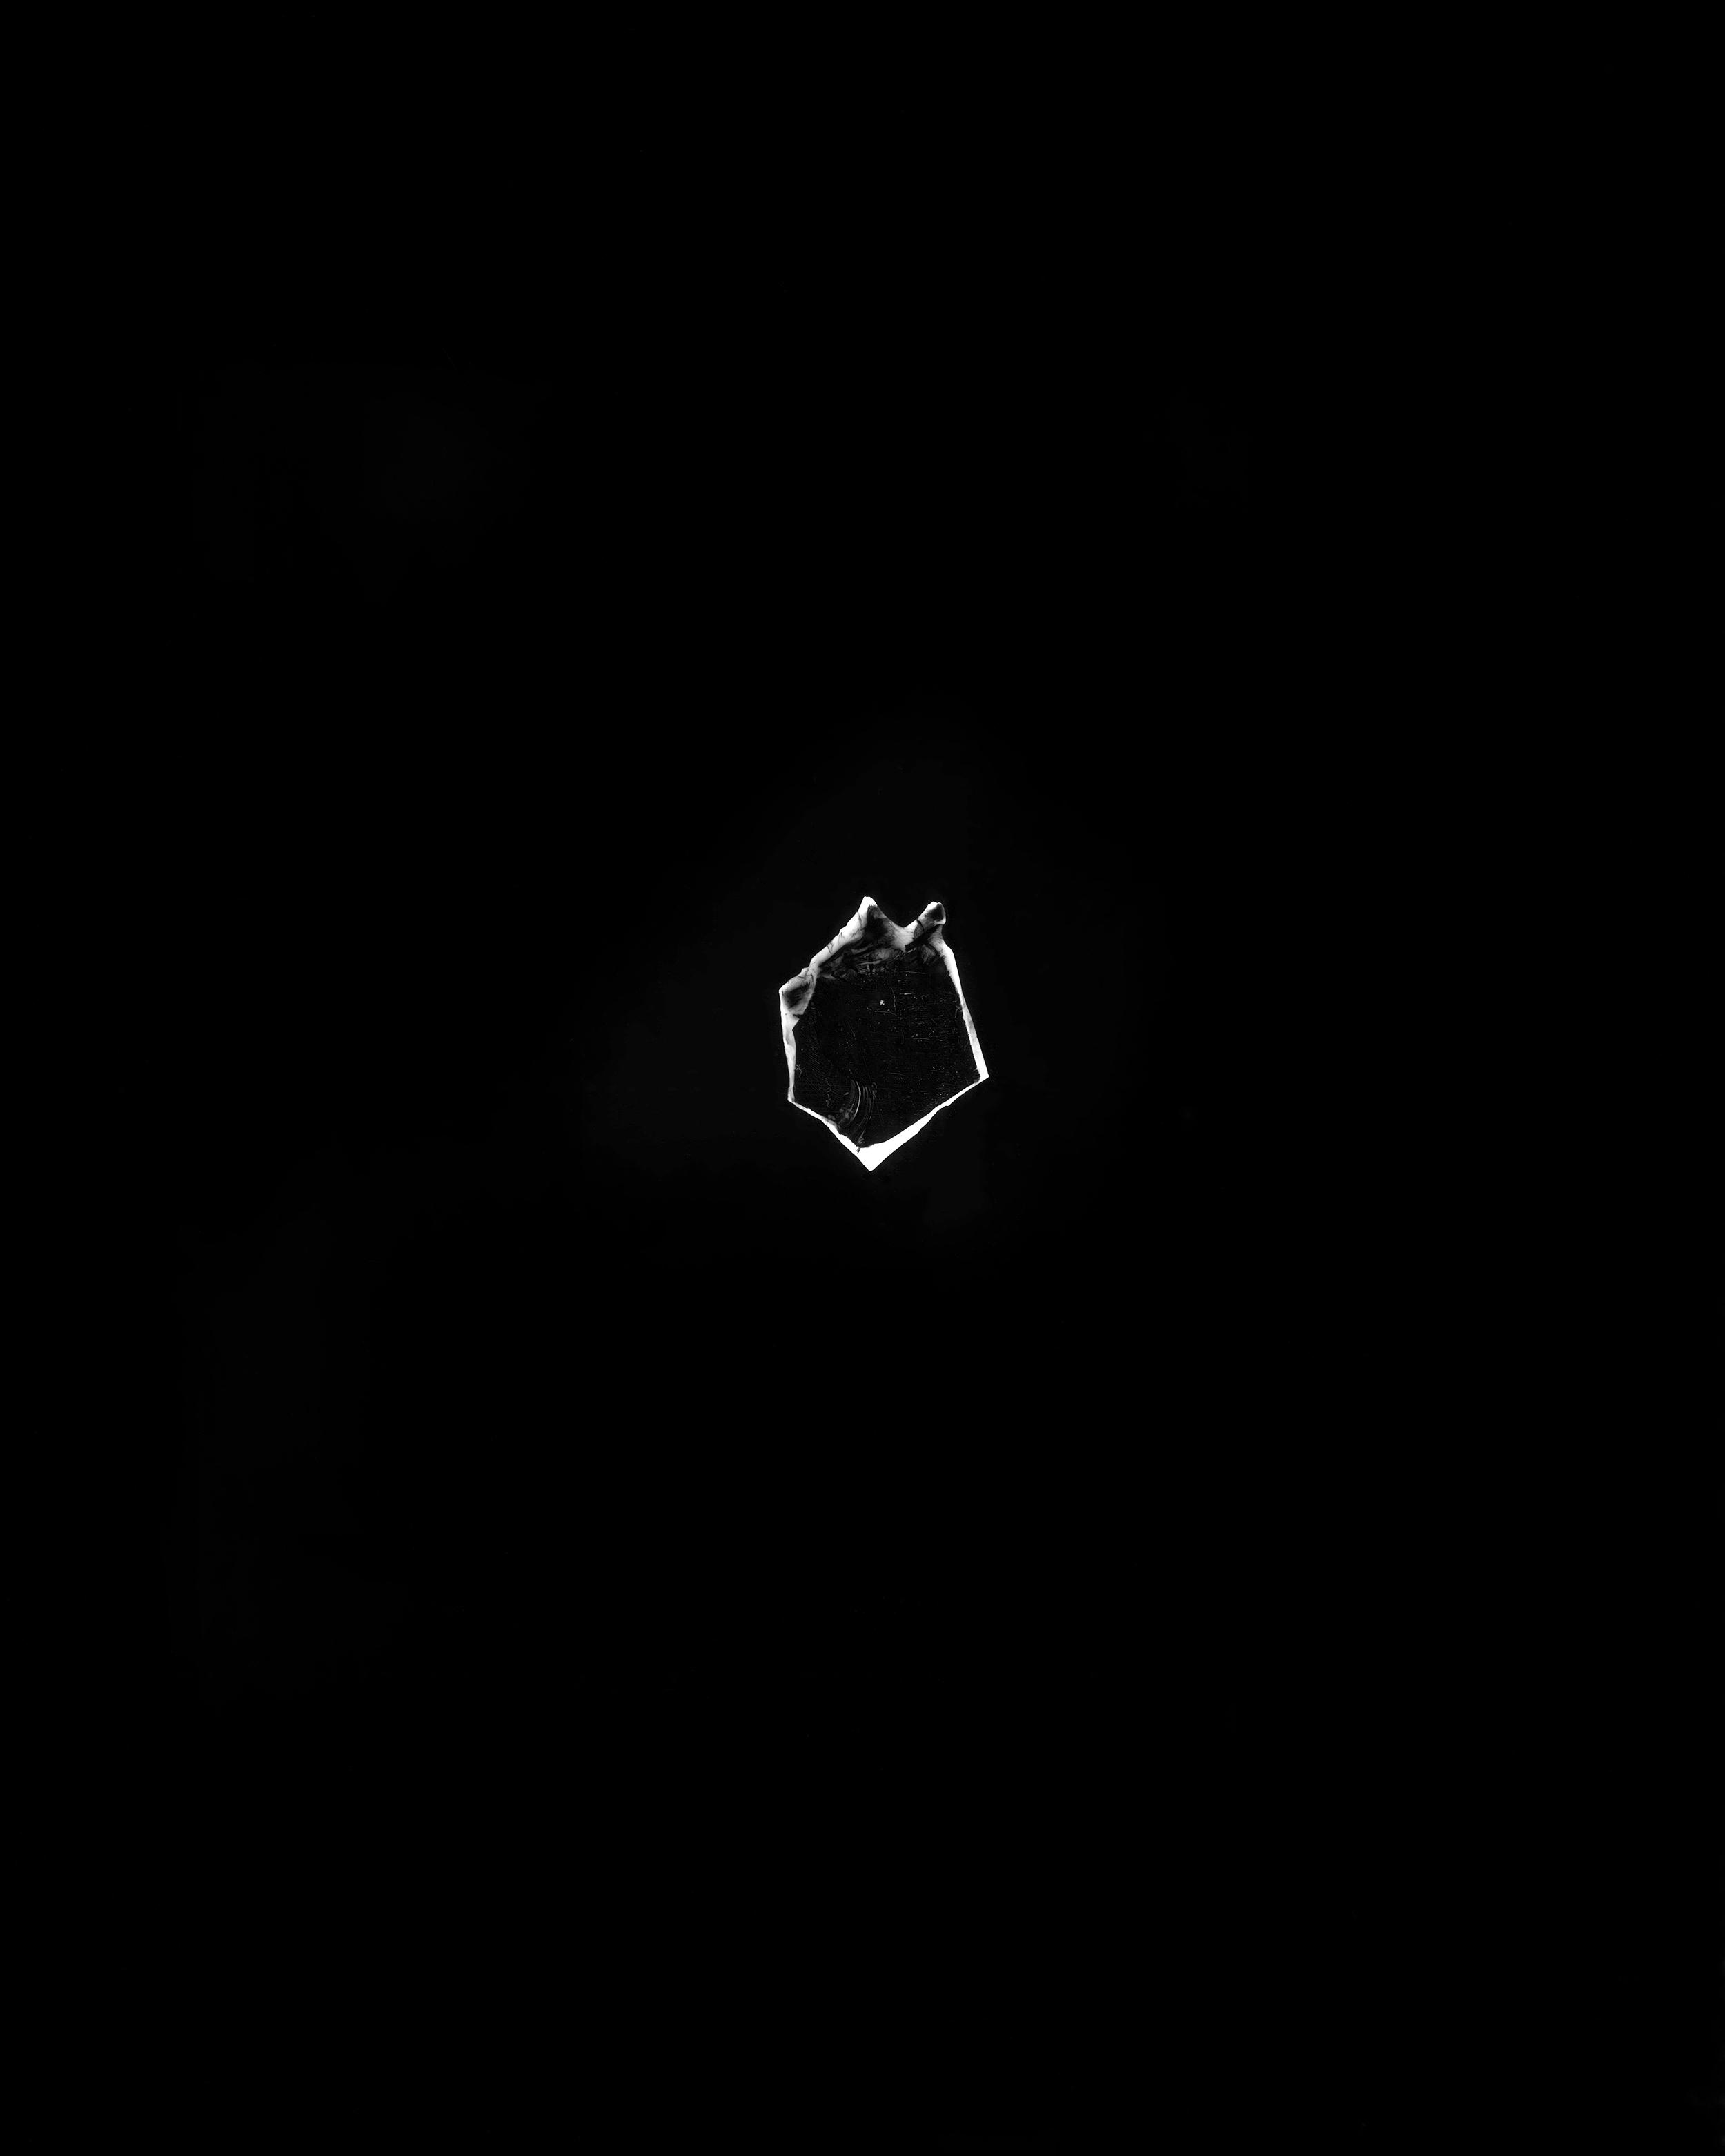 CS-starjelly-gram1.jpg